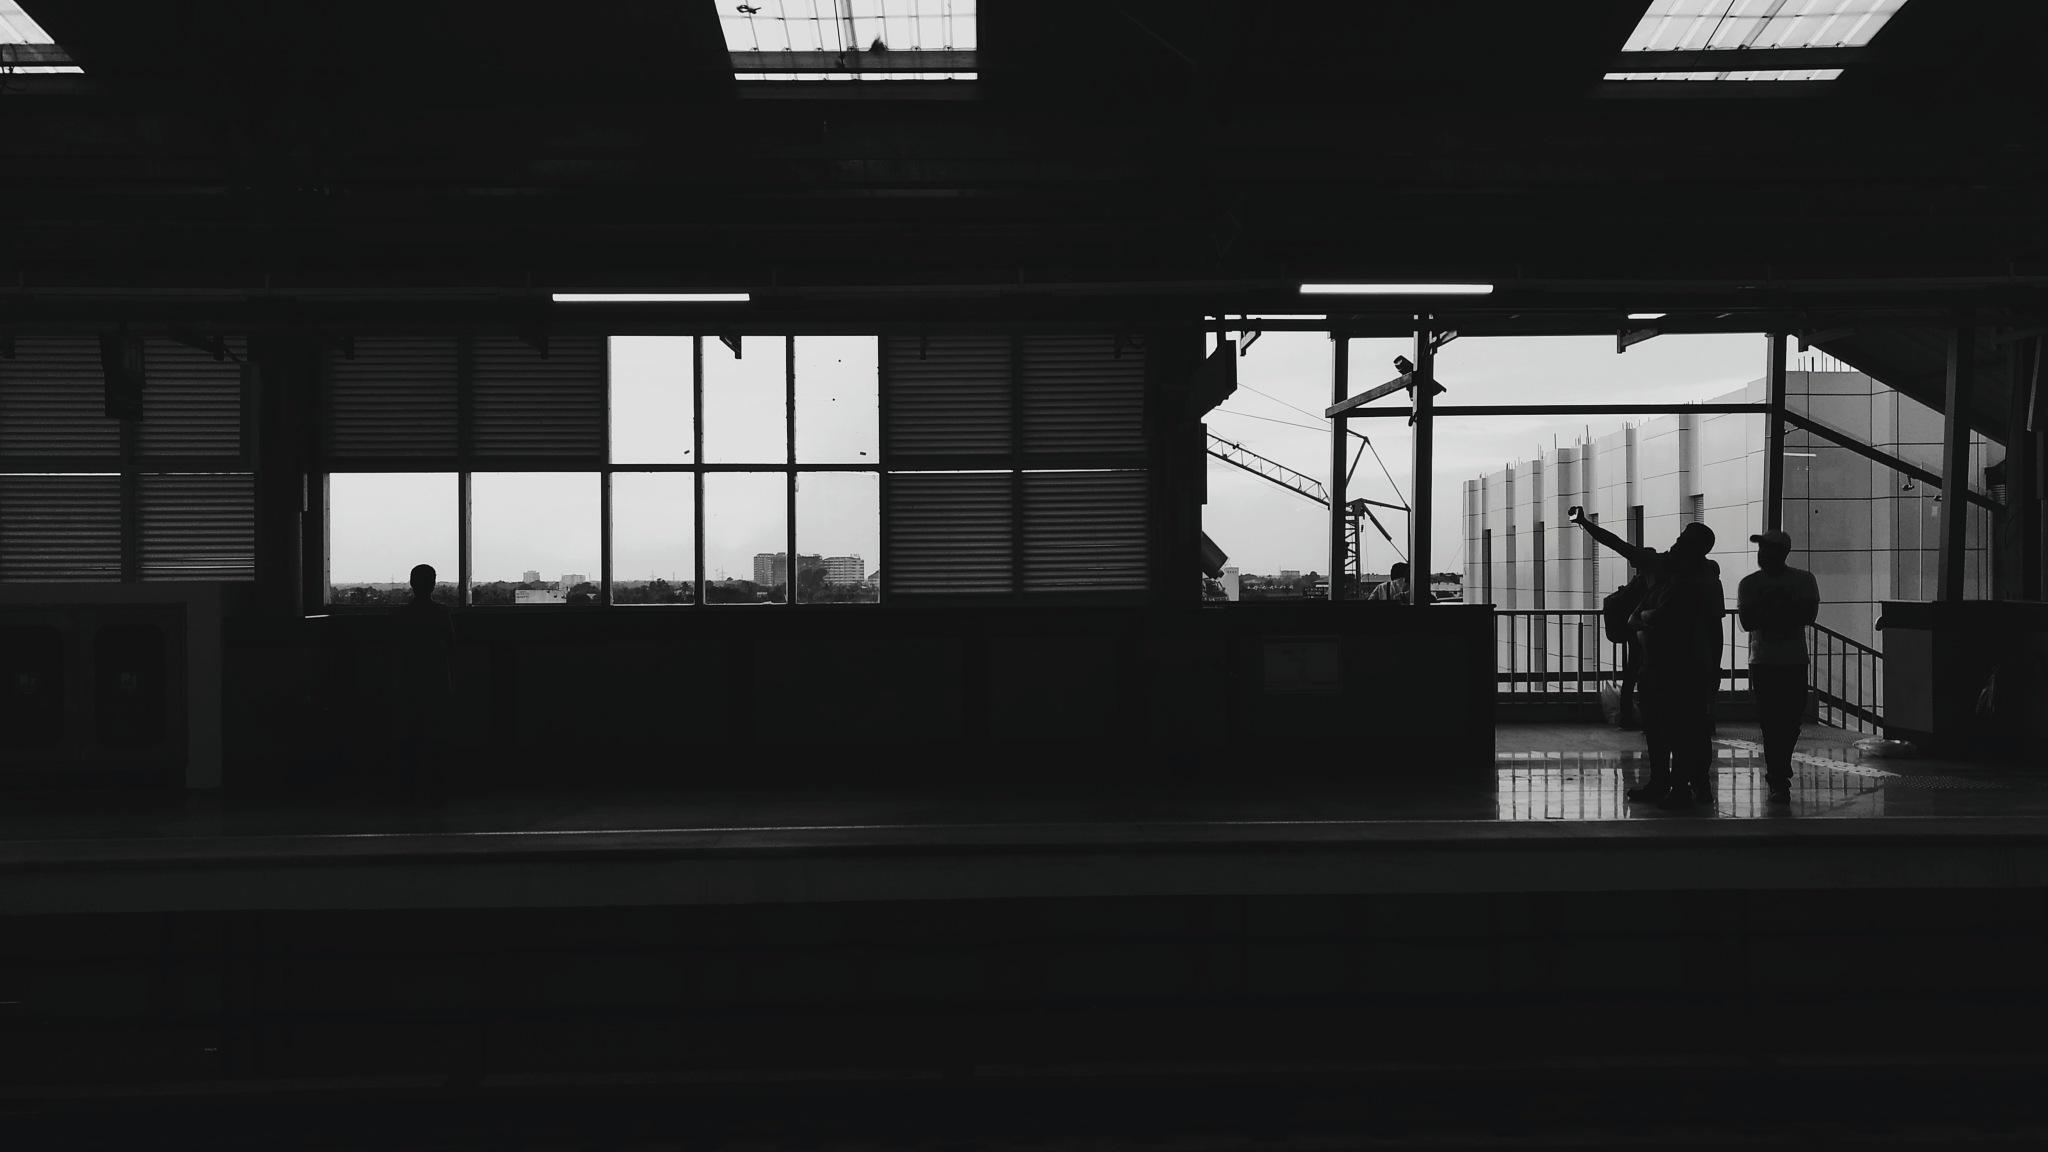 Silhouette by Athul Ak